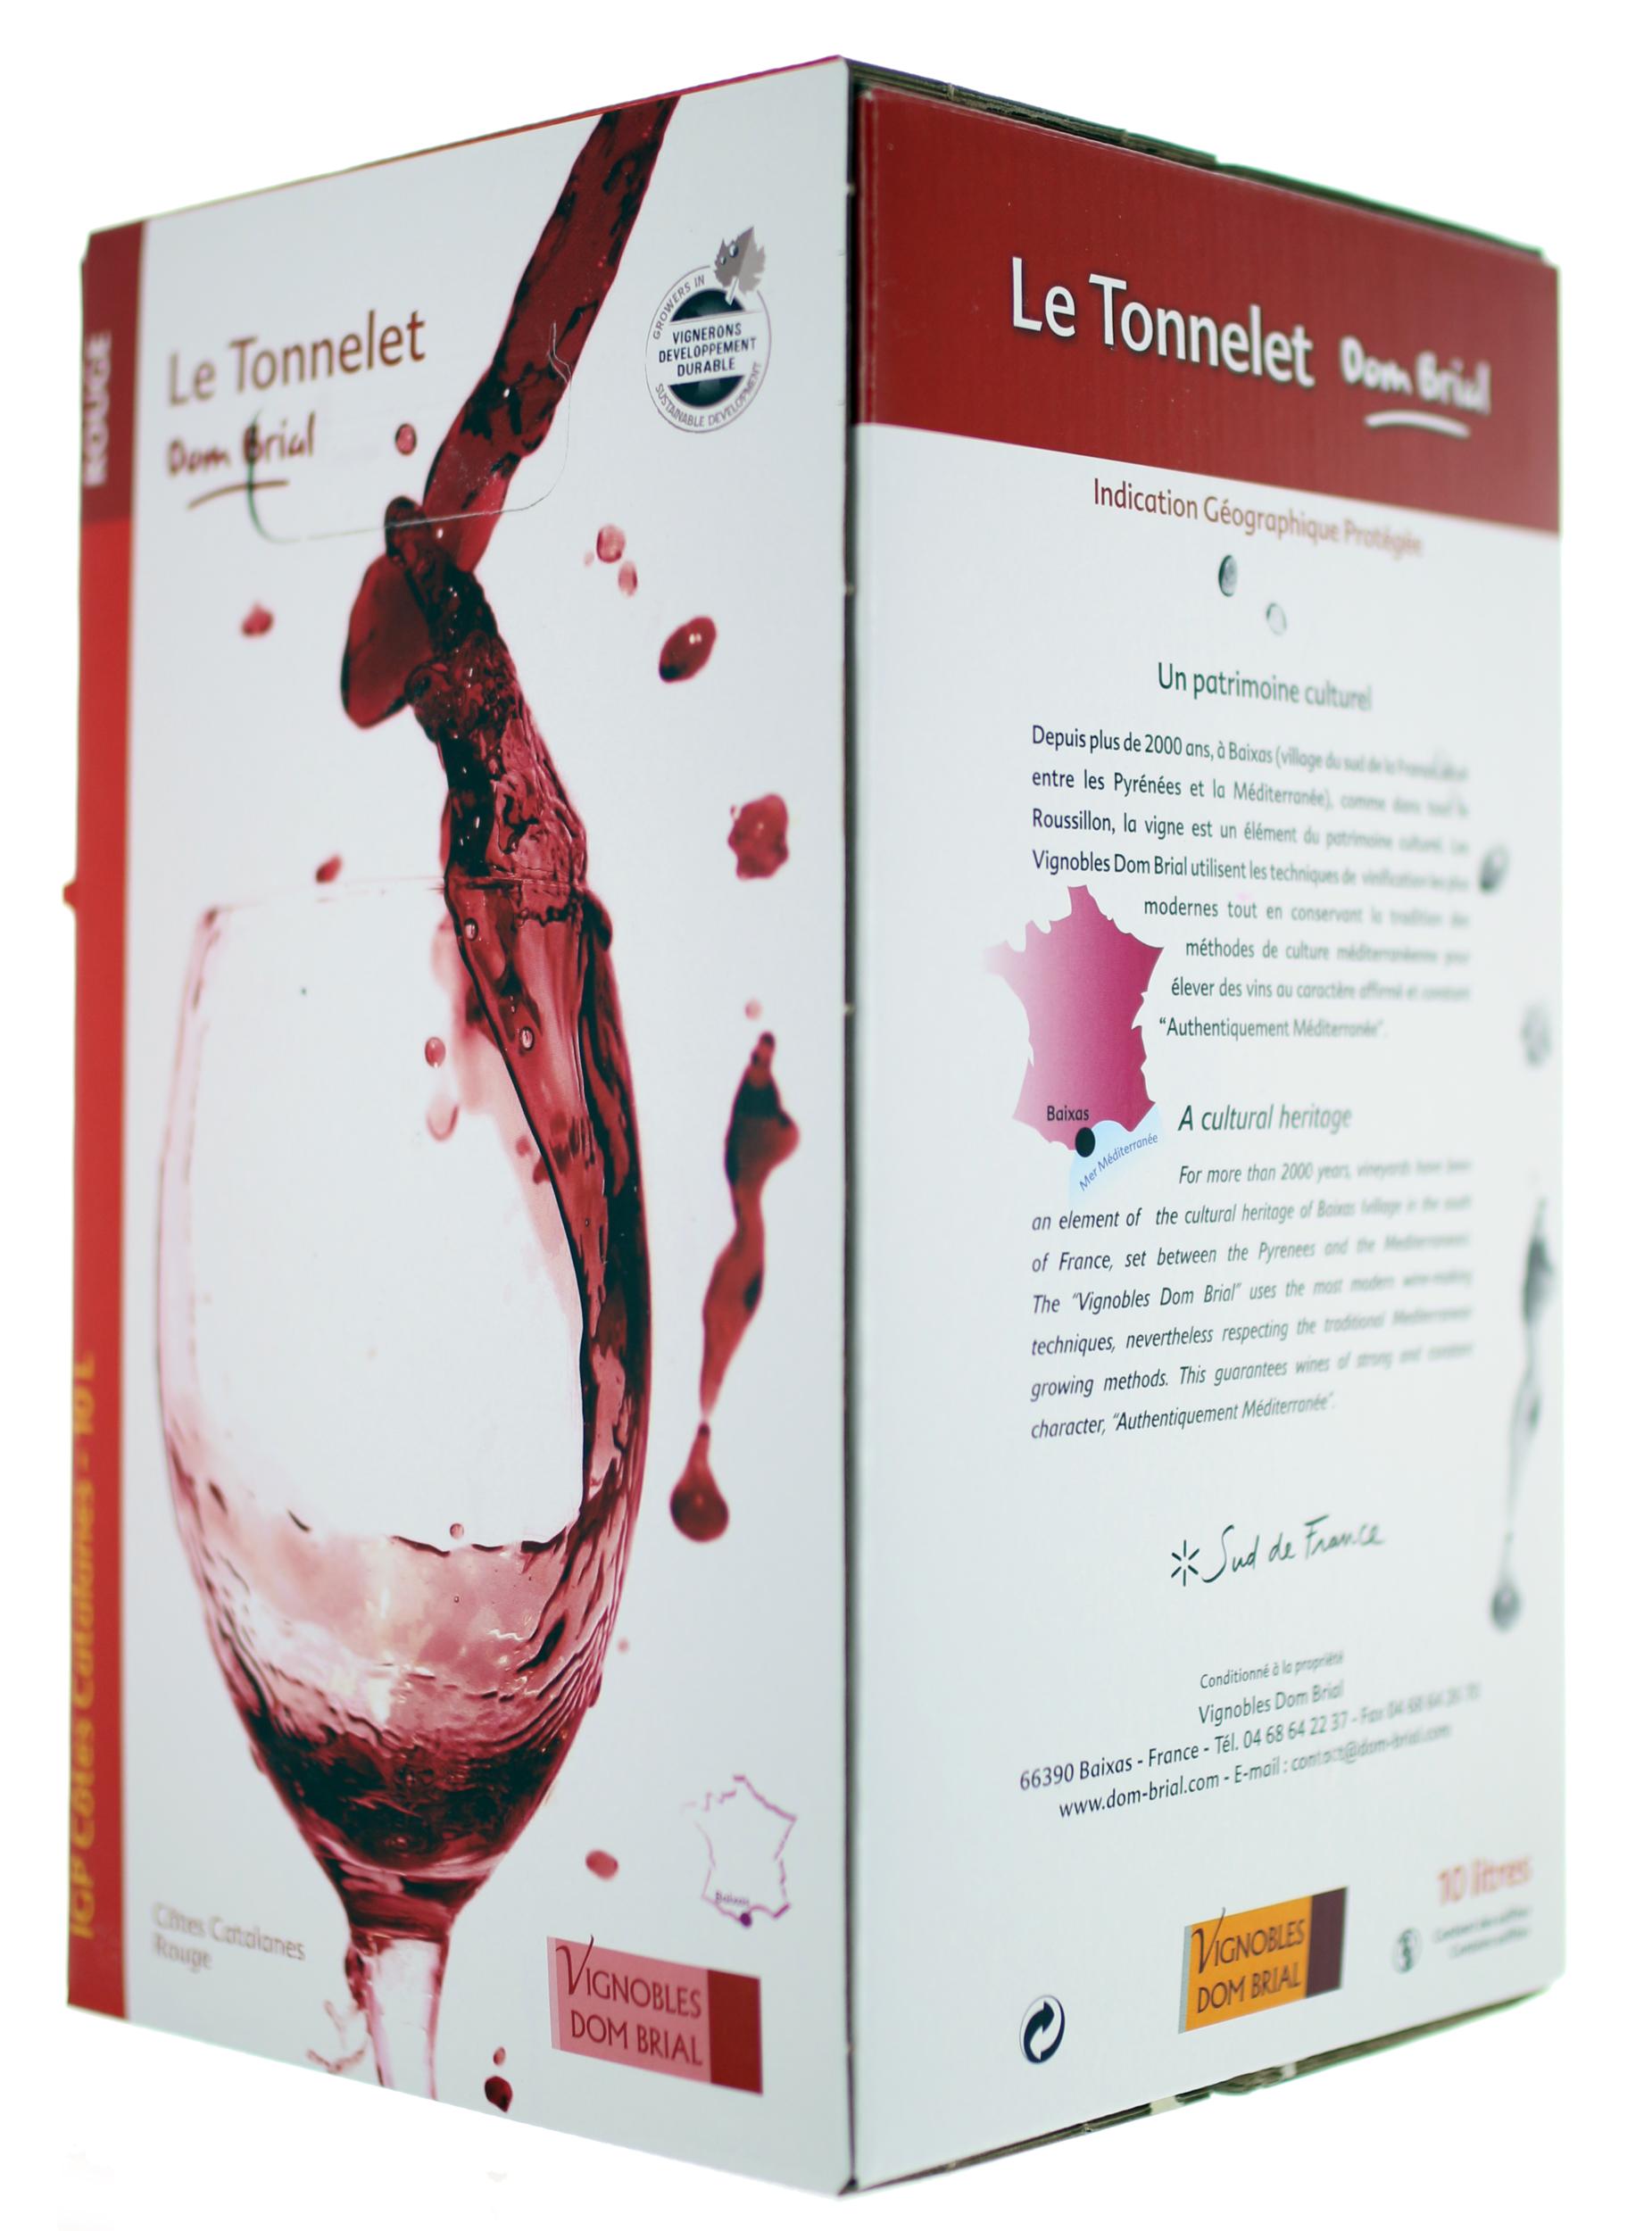 IGP Côtes Catalanes - Cubi de qualité - Le Tonnelet - 5L - Domaine Dom Brial - ROUGE